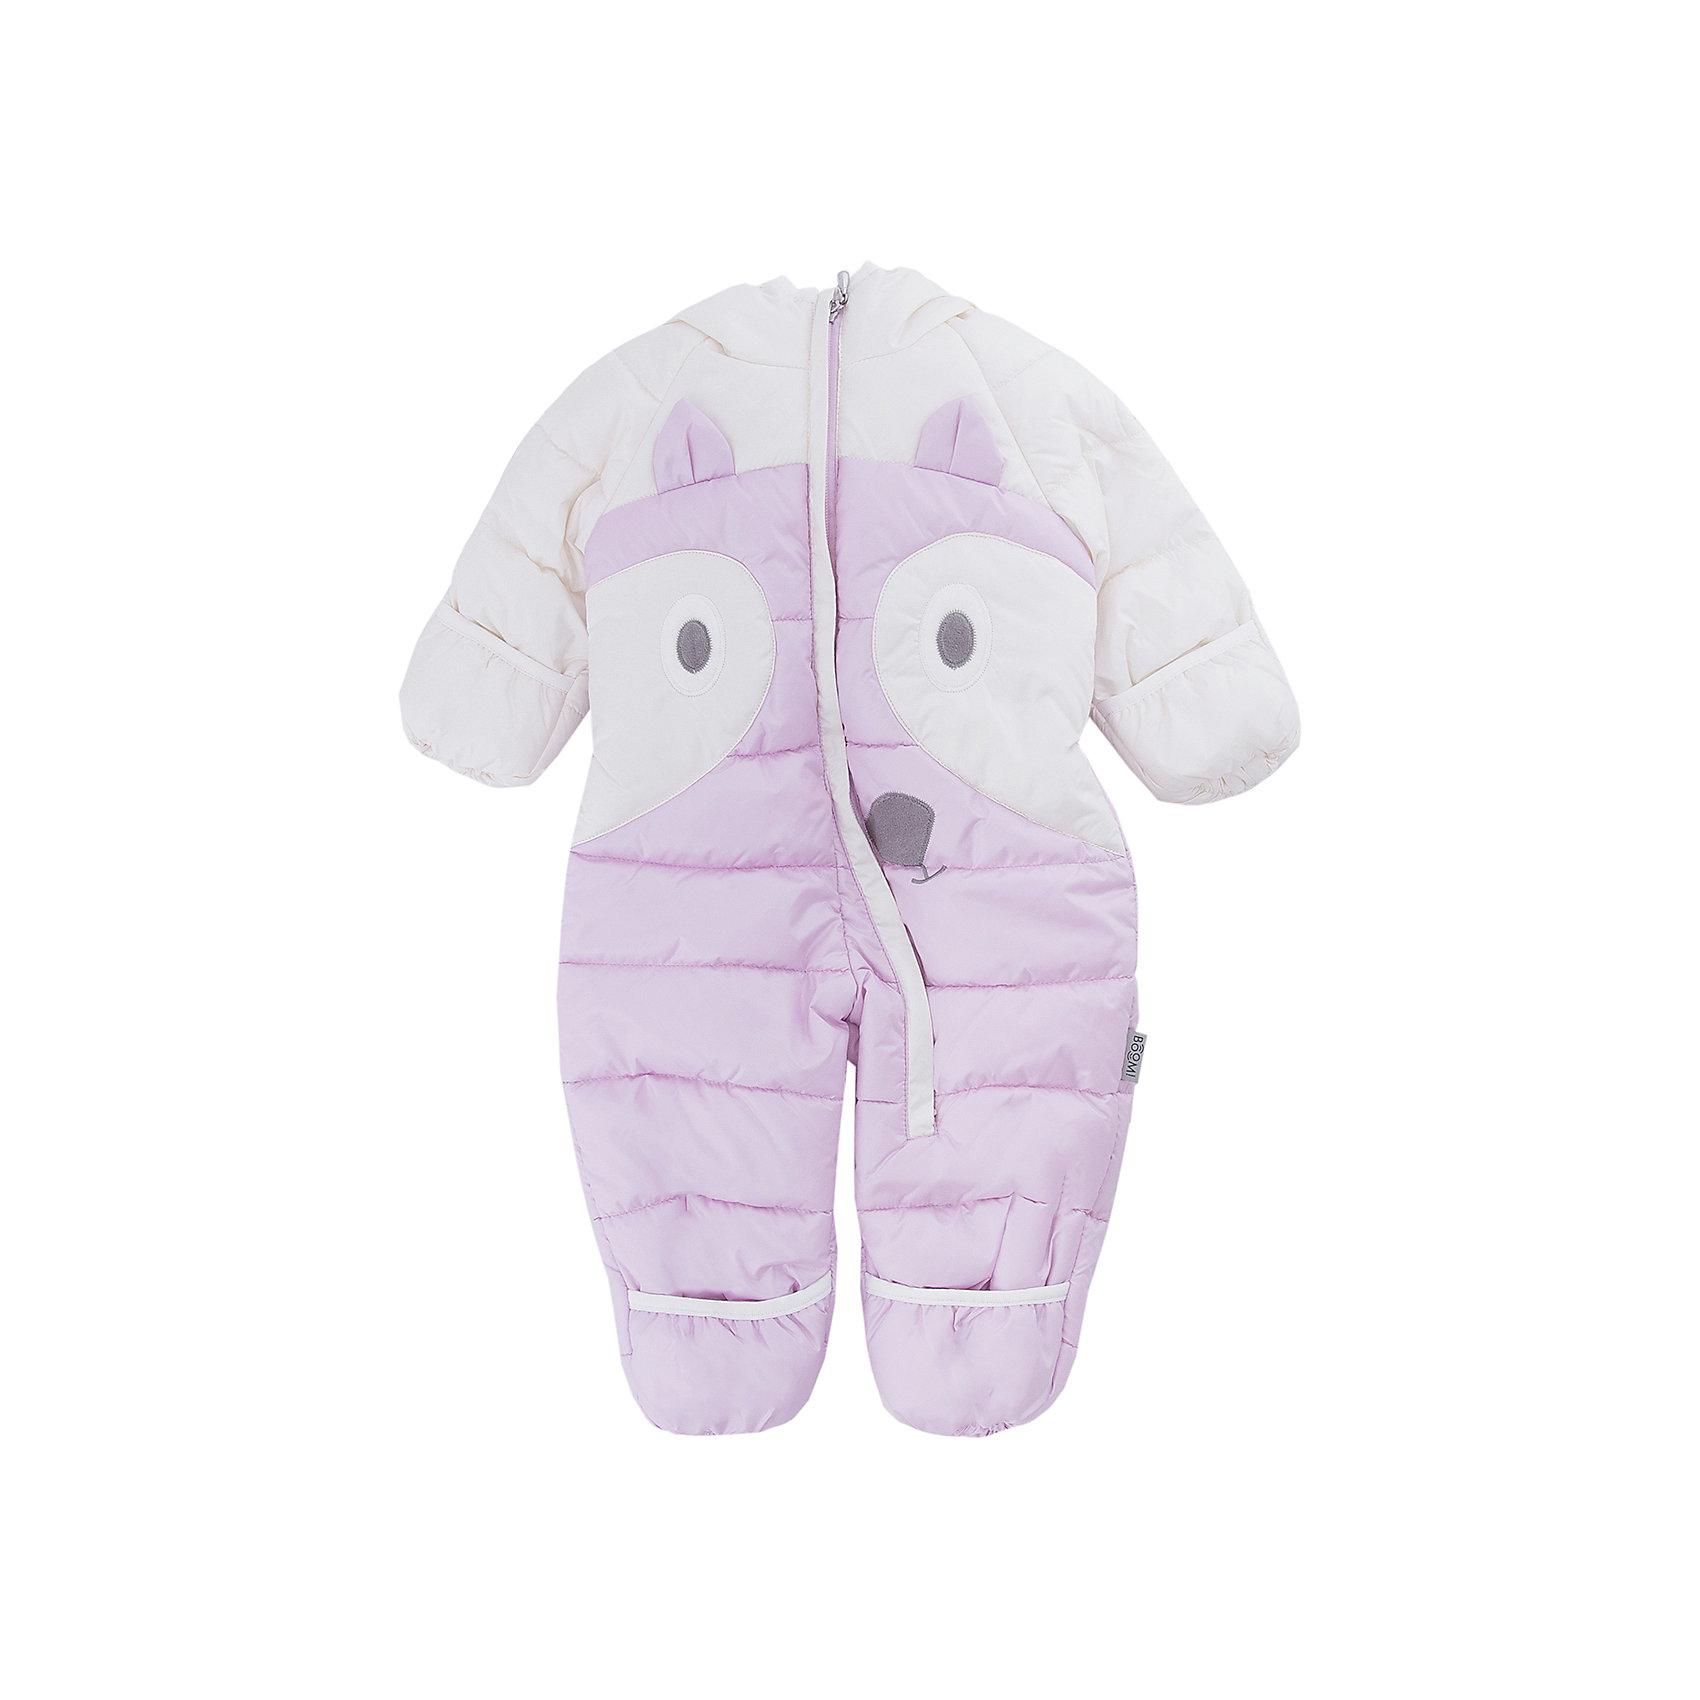 Комбинезон BOOM by Orby для девочкиВерхняя одежда<br>Характеристики товара:<br><br>• цвет: розовый<br>• ткань верха: Таффета oil cire pu milky<br>• подкладка: Флис; Поликоттон<br>• утеплитель: Эко синтепон 200 г/м2<br>• сезон: демисезон<br>• температурный режим: от +10°до -10°С<br>• особенности: дутая, на молнии<br>• тип комбинезона: с манжетами-варежками<br>• капюшон: без меха, несъемный<br>• страна бренда: Россия<br>• страна изготовитель: Россия<br><br>Благодаря удобному капюшону, красивому цвету и украшению-лисичке на животе этот утепленный комбинезон симпатично смотрится и удобно сидит на ребенке. Такой комбинезон для самых маленьких - недорогой способ красиво и комфортно одеть ребенка в демисезон. <br><br>Комбинезон BOOM by Orby можно купить в нашем интернет-магазине.<br><br>Ширина мм: 356<br>Глубина мм: 10<br>Высота мм: 245<br>Вес г: 519<br>Цвет: розовый<br>Возраст от месяцев: 6<br>Возраст до месяцев: 9<br>Пол: Женский<br>Возраст: Детский<br>Размер: 74,62,68<br>SKU: 7007604